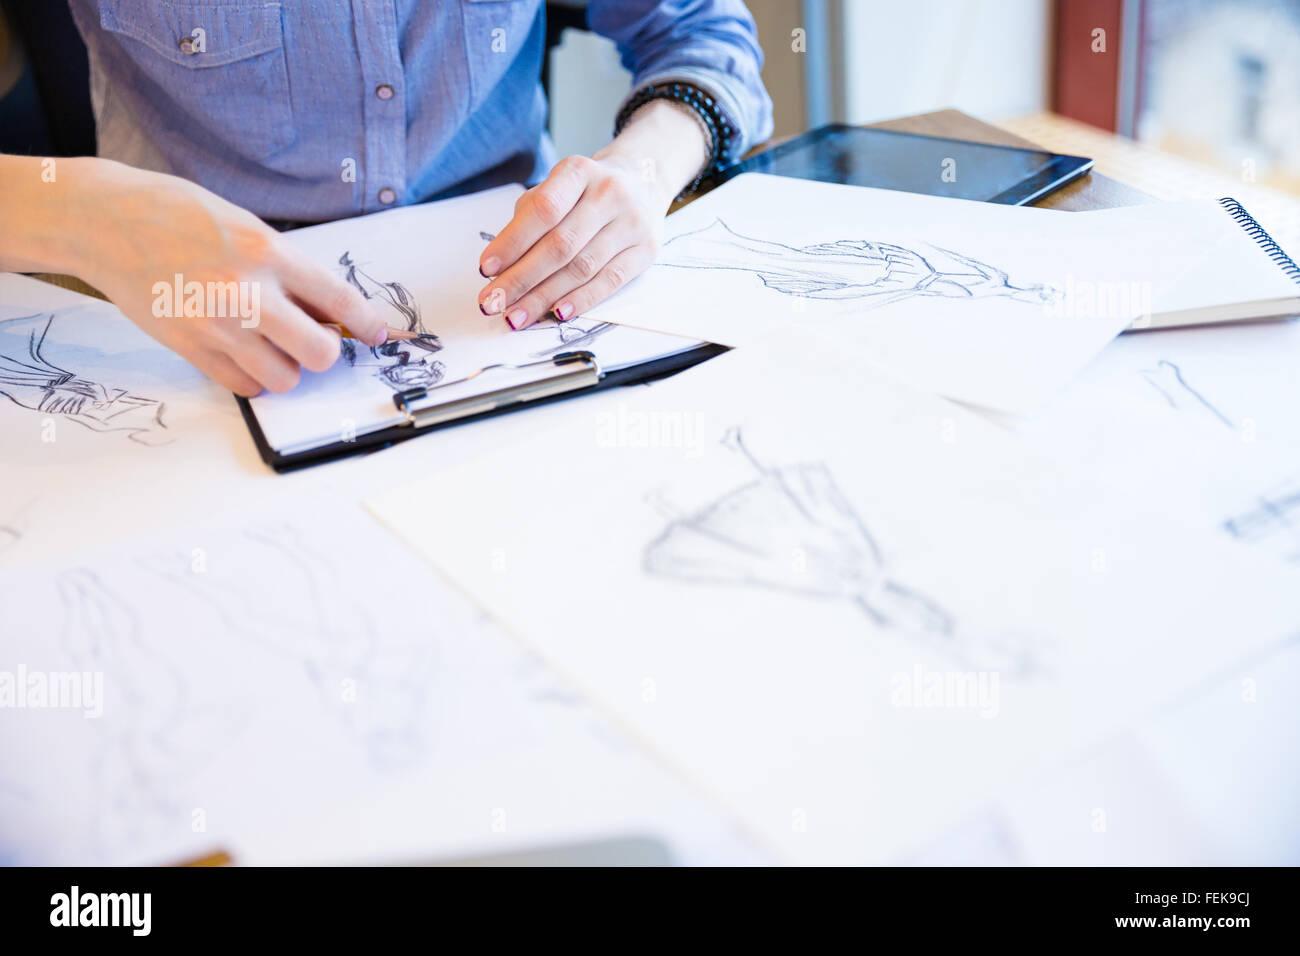 Acercamiento de las manos del joven diseñador de moda crear nueva colección de ropa y dibujar bocetos en portapapeles Foto de stock